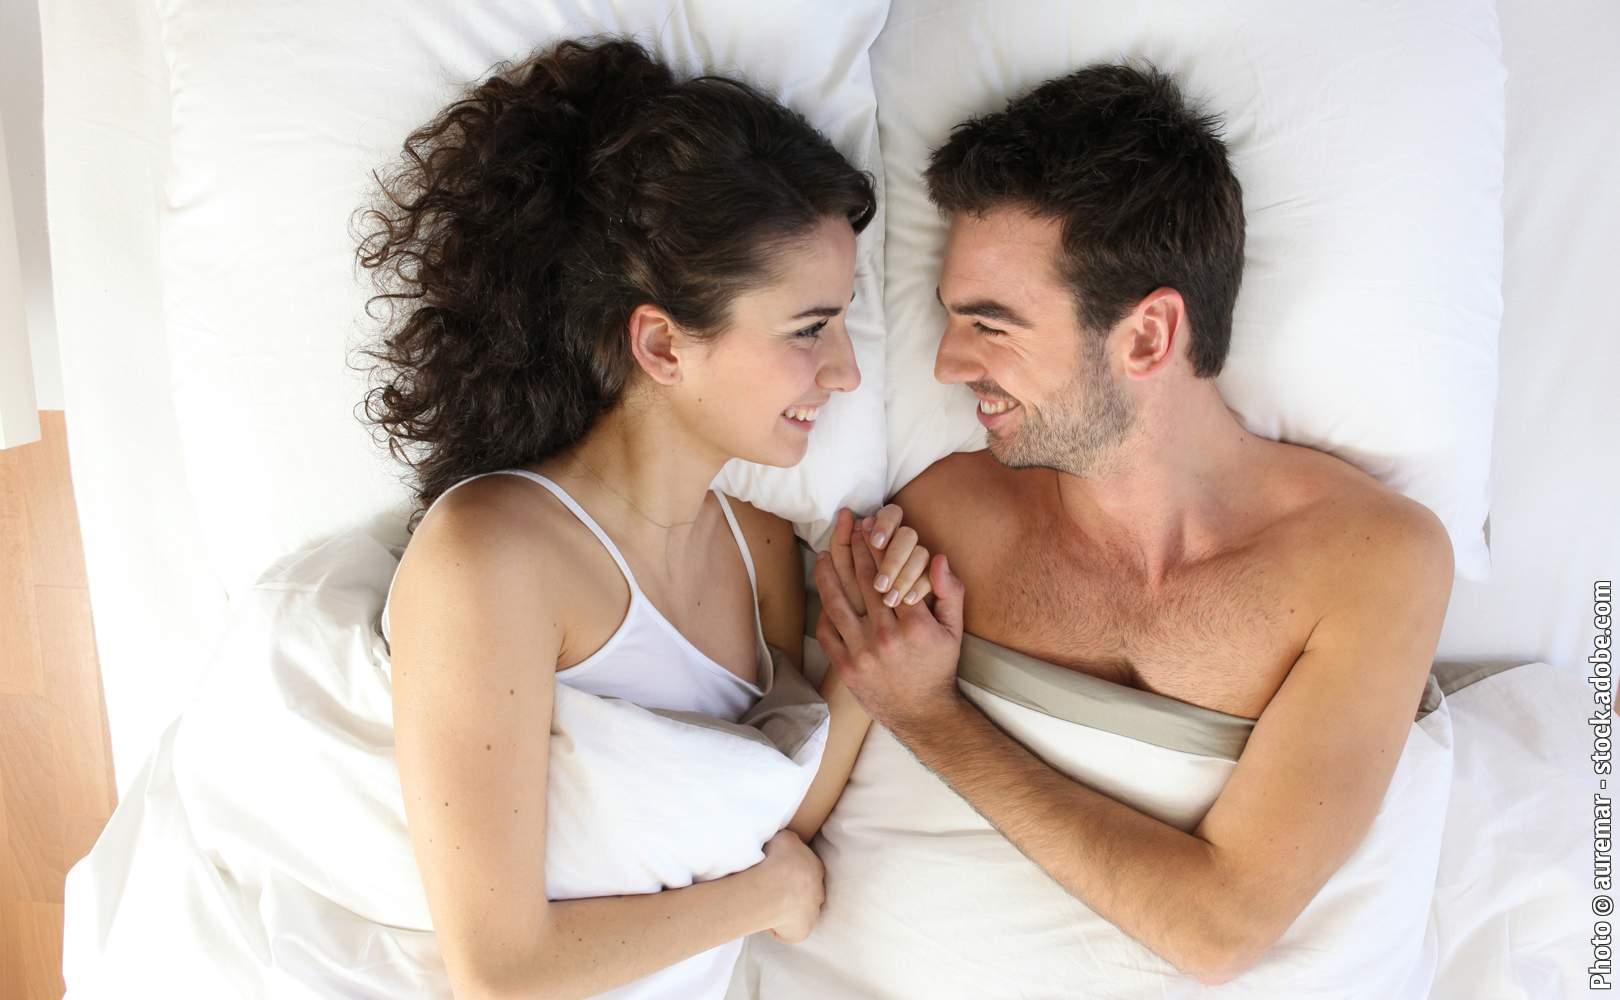 охотно подставляют если муж стал слаб в постели припадке малодушных